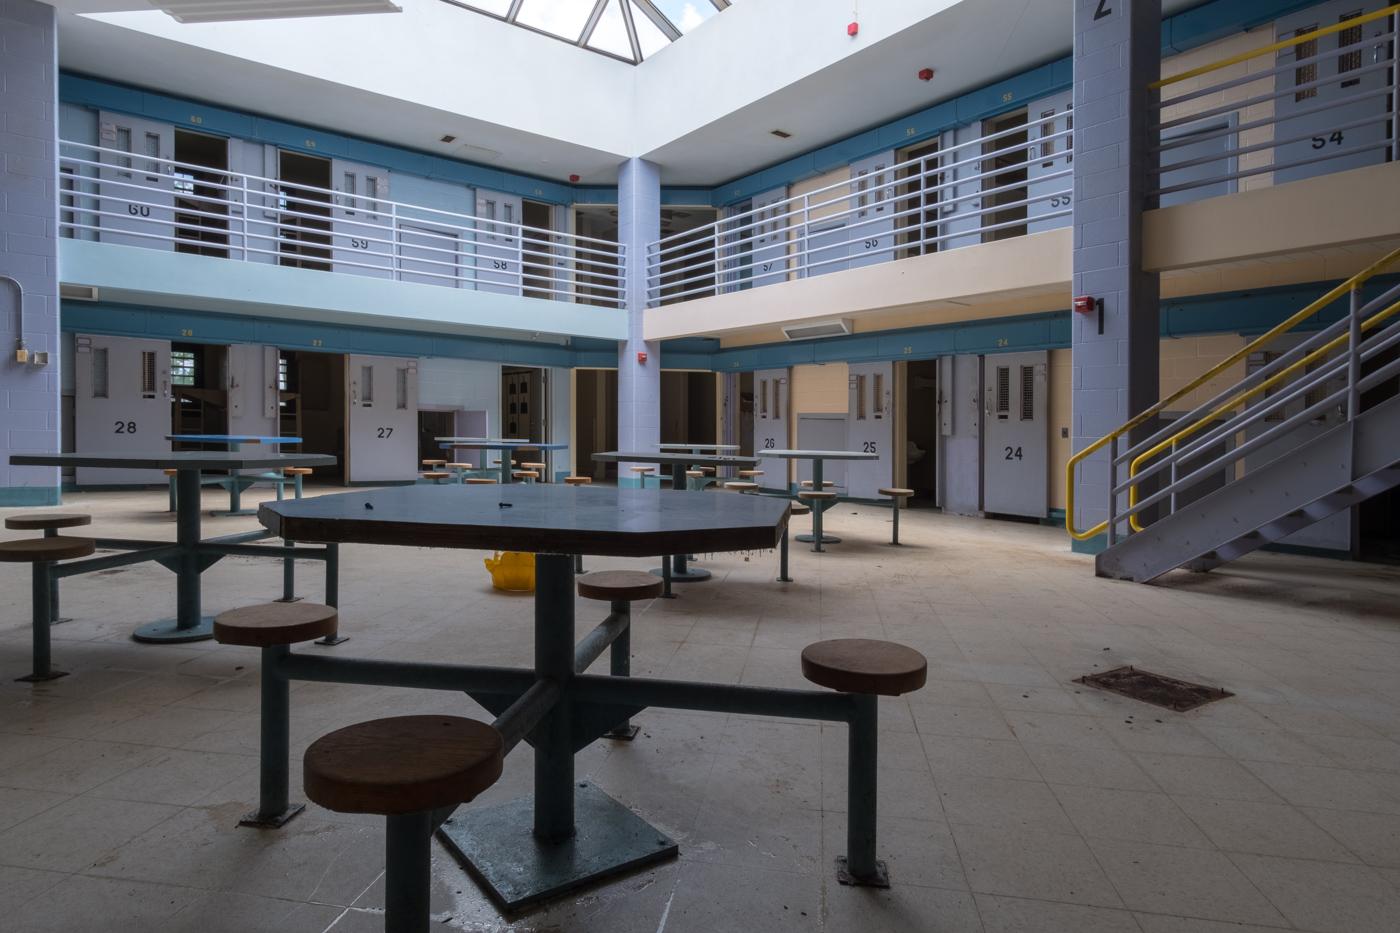 180602-pa-prison-5.jpg